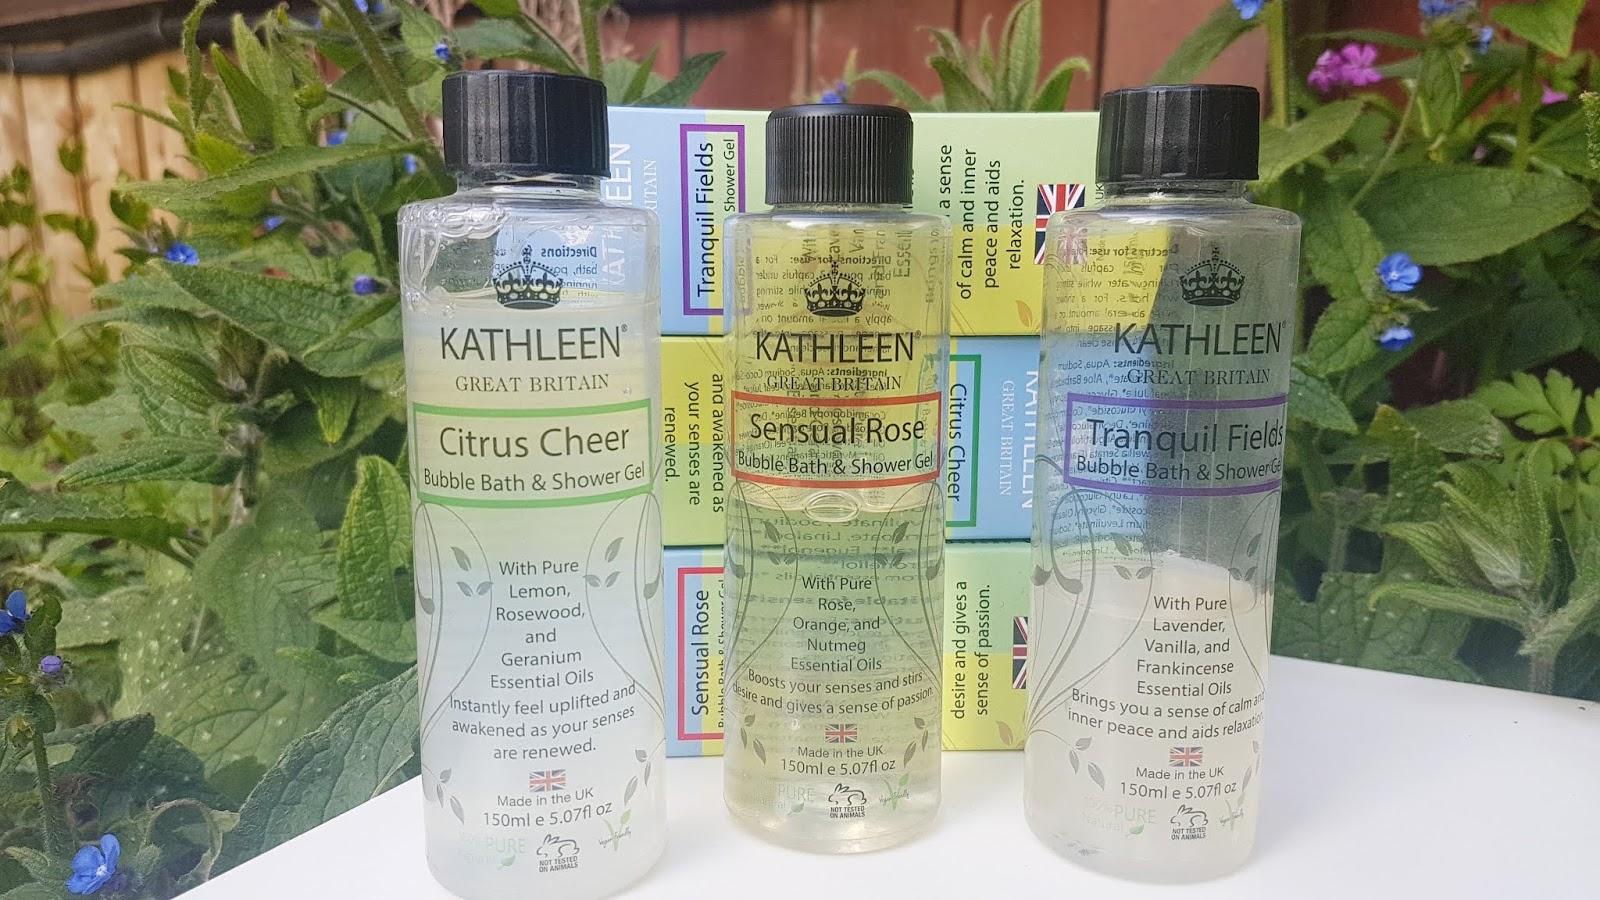 Kathleen Naturals Bubble Bath & Shower Gel trio review